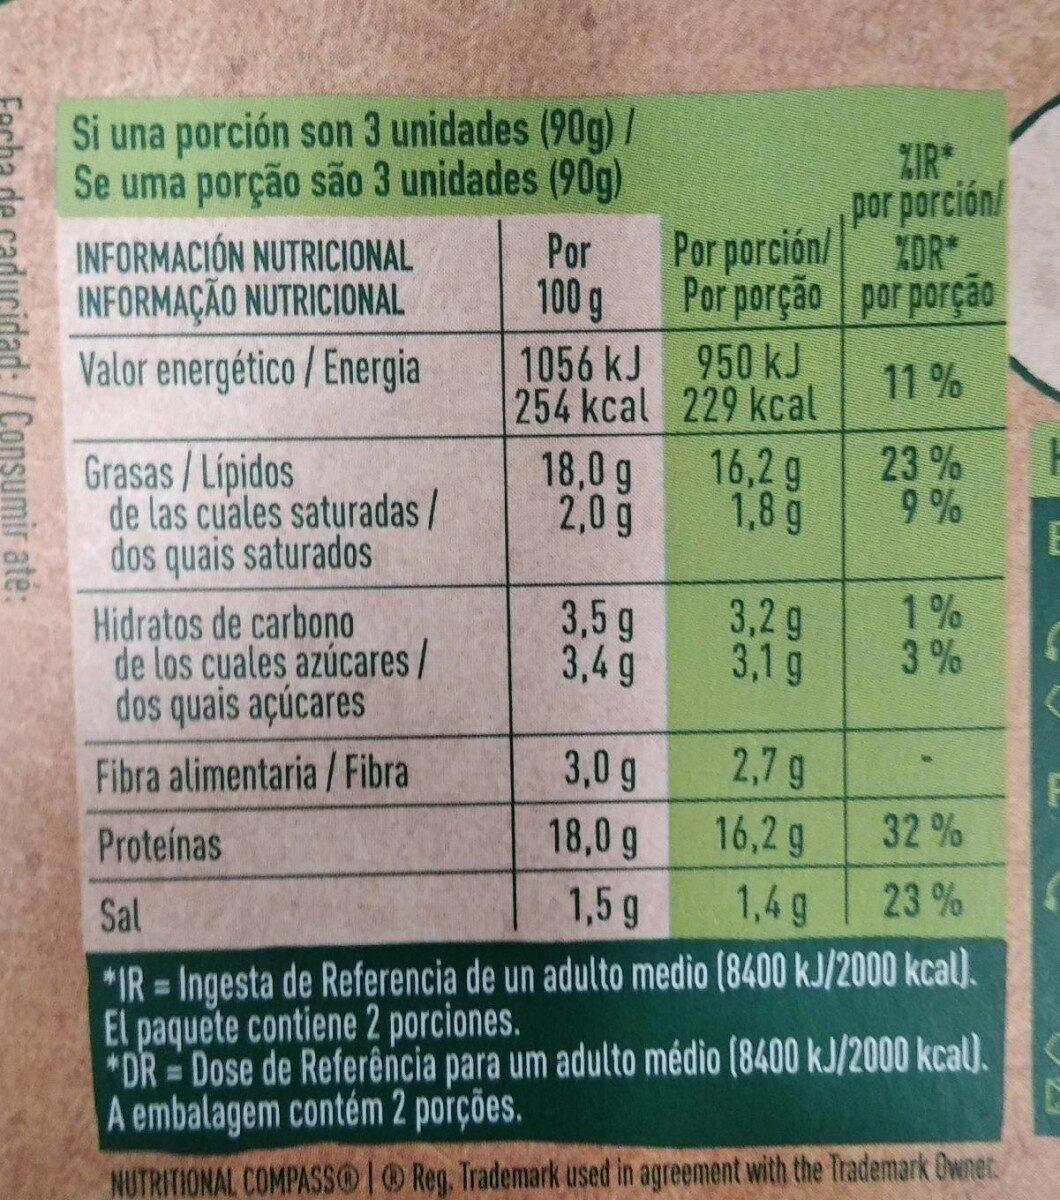 Salchichas Frankfurt vegetales - Voedingswaarden - es